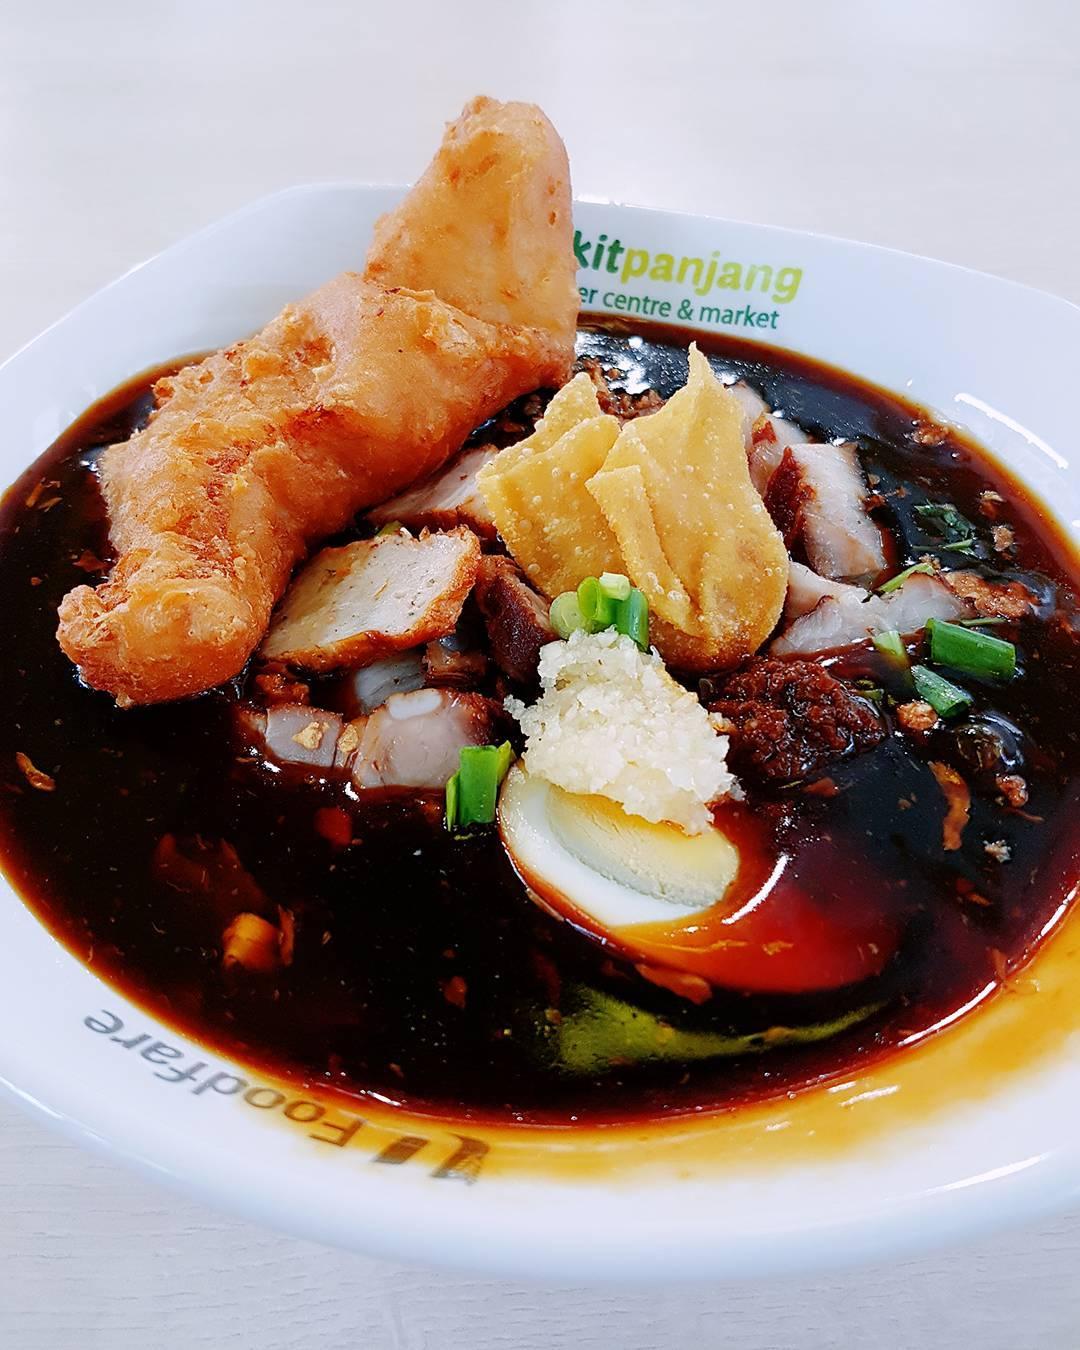 Bukit Panjang Food - Zai Lai